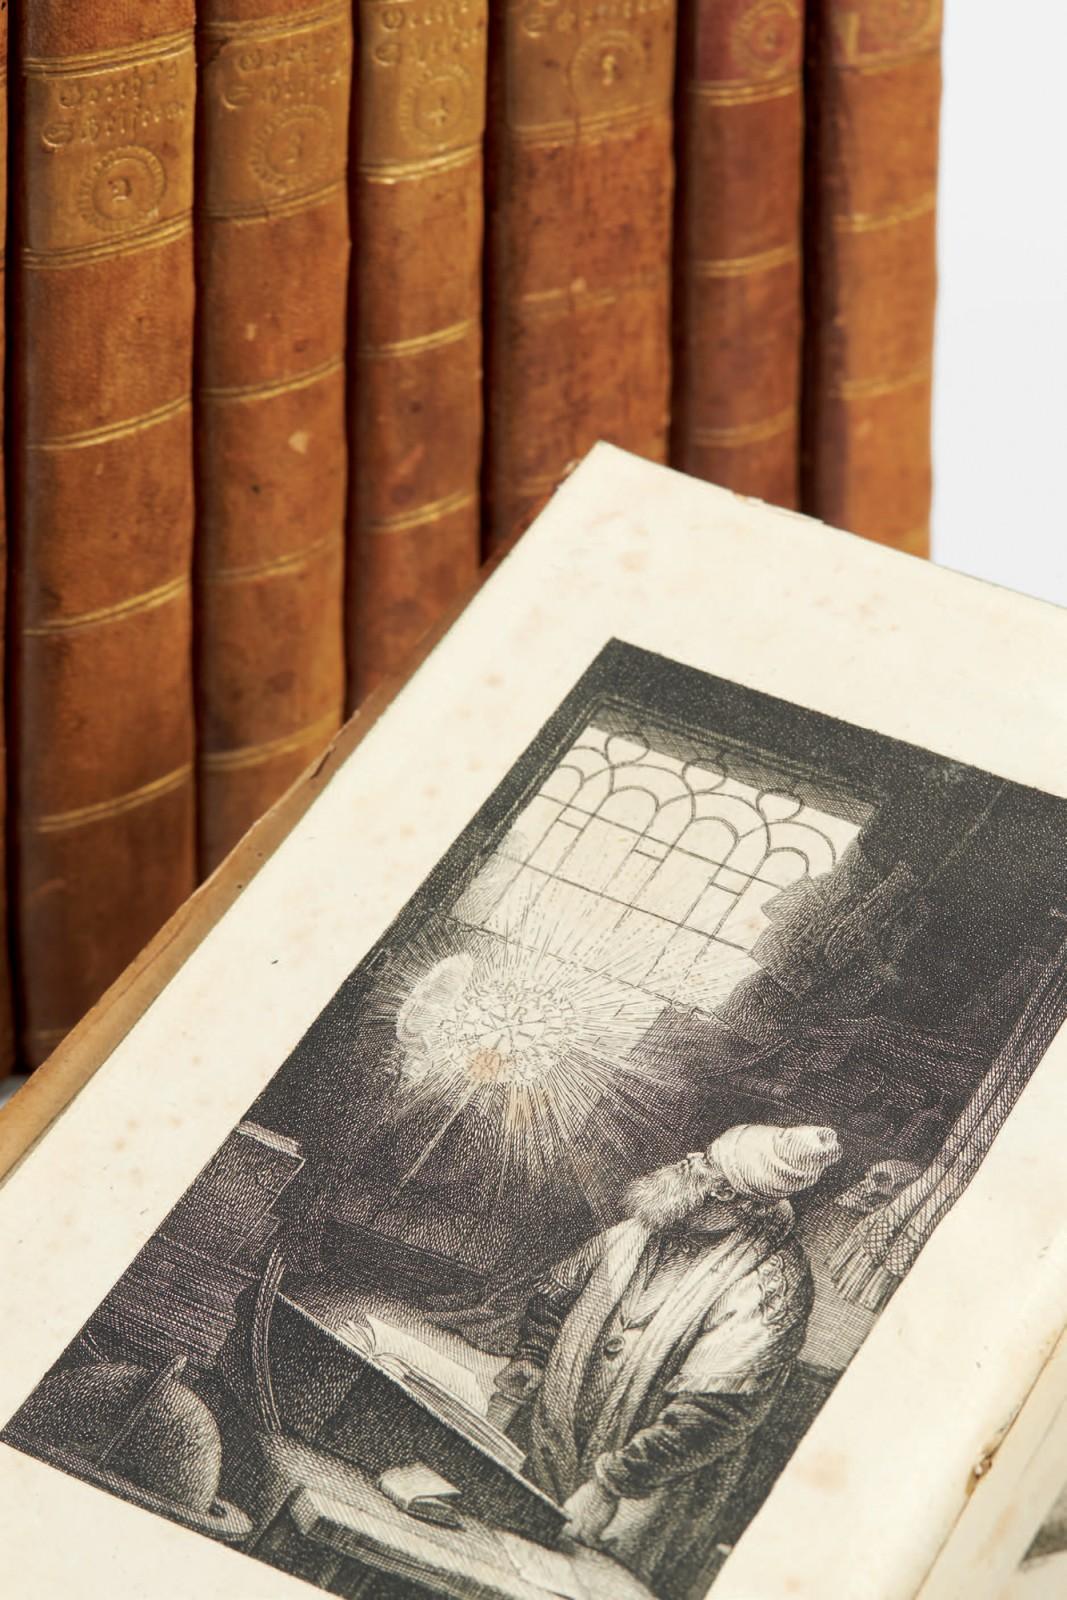 goethe-johann-wolfgang-von-goethes-schriften-leipzig-georg-joachim-goschen-1787-1790--194